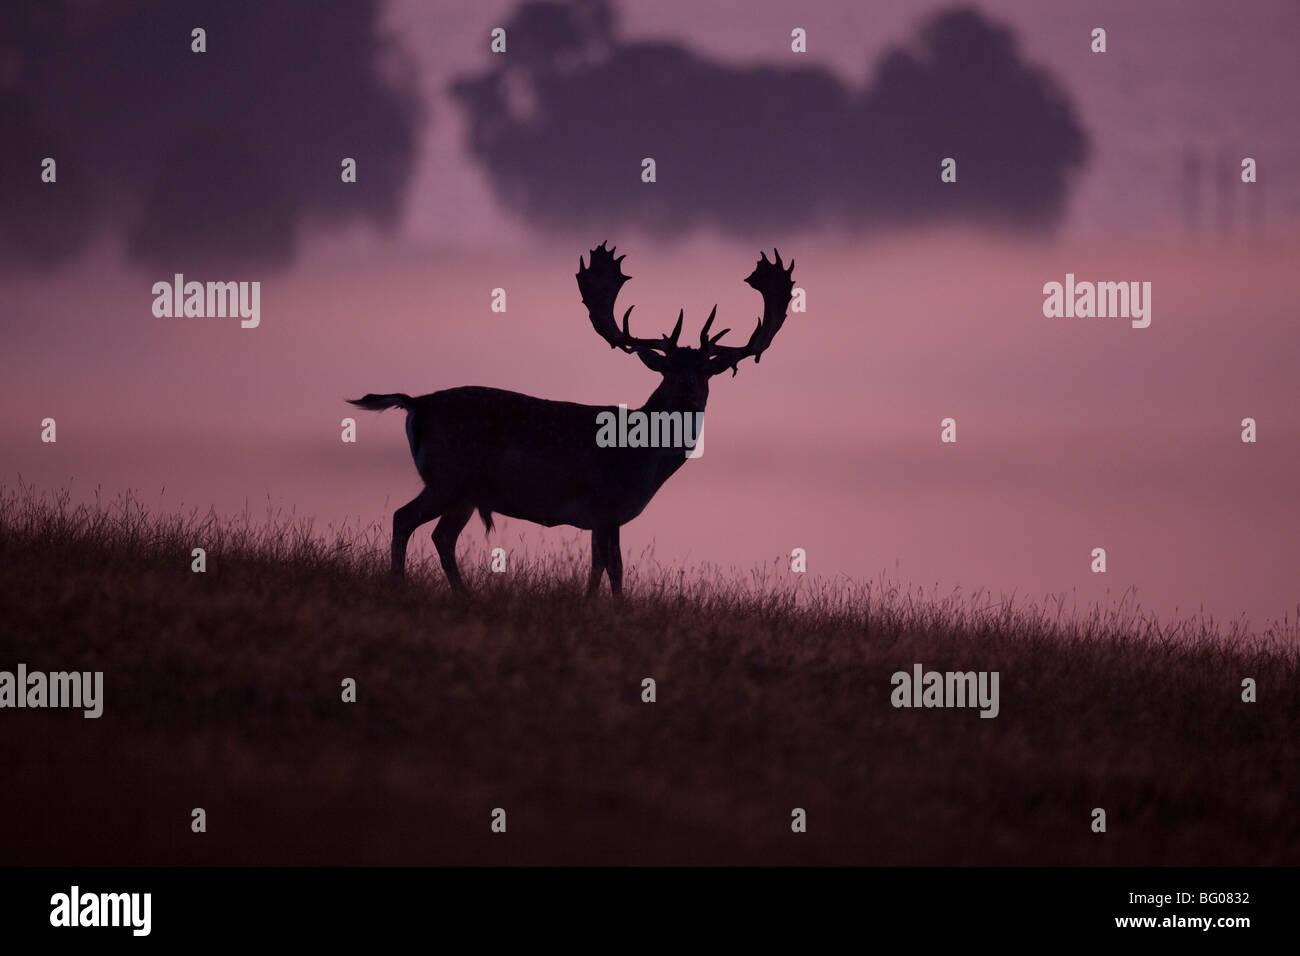 El gamo (Dama dama), stag contra un fondo nebuloso. Imagen De Stock